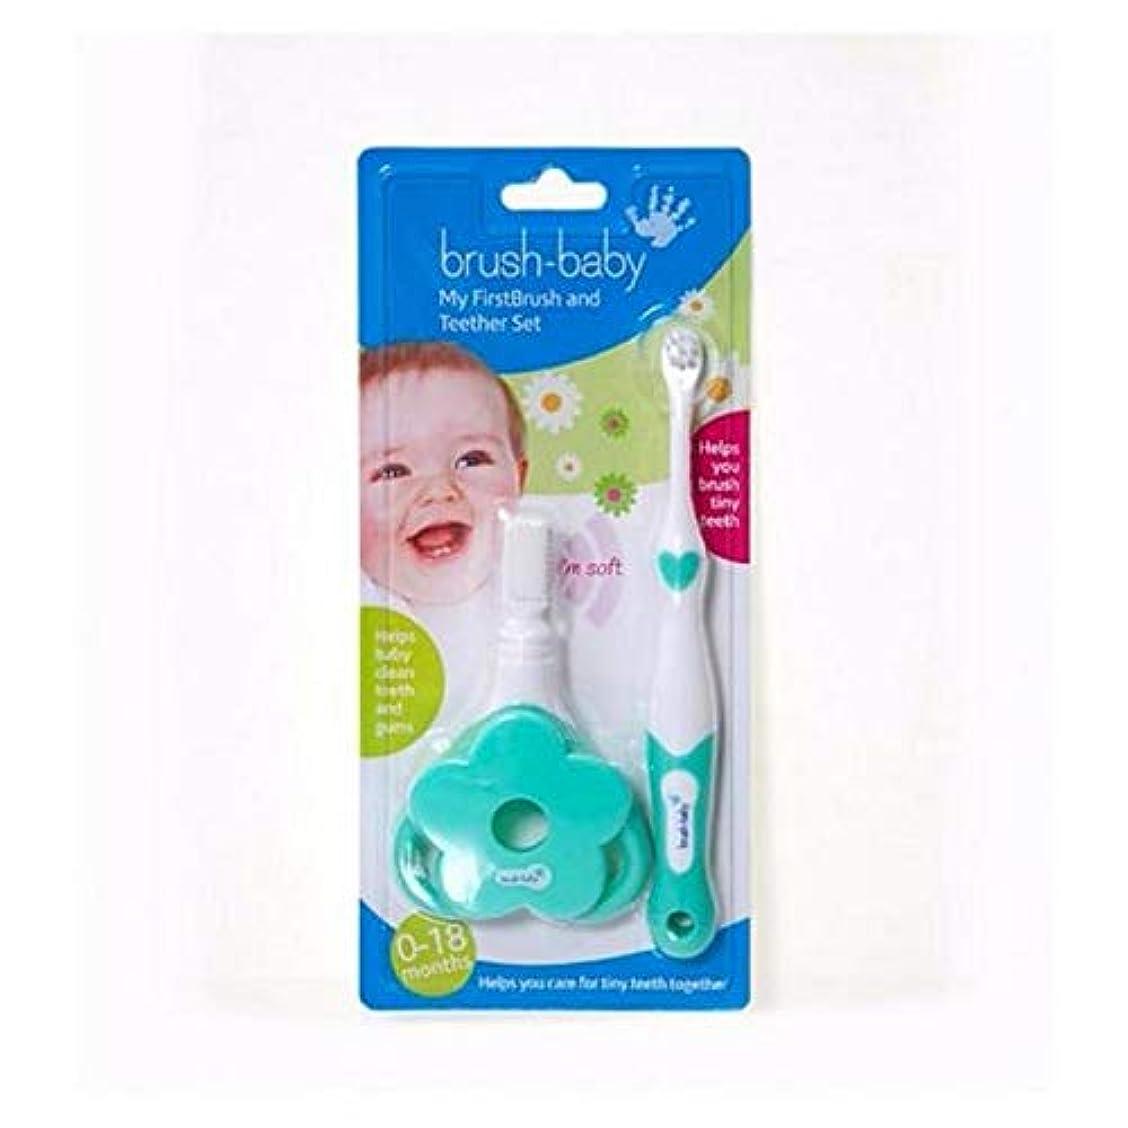 形成雇ったあいまい[Brush-Baby ] ブラシ赤ちゃんが私のFirstbrush&おしゃぶりはパックごとに2を設定します - Brush-Baby My FirstBrush & Teether Set 2 per pack [並行輸入品]